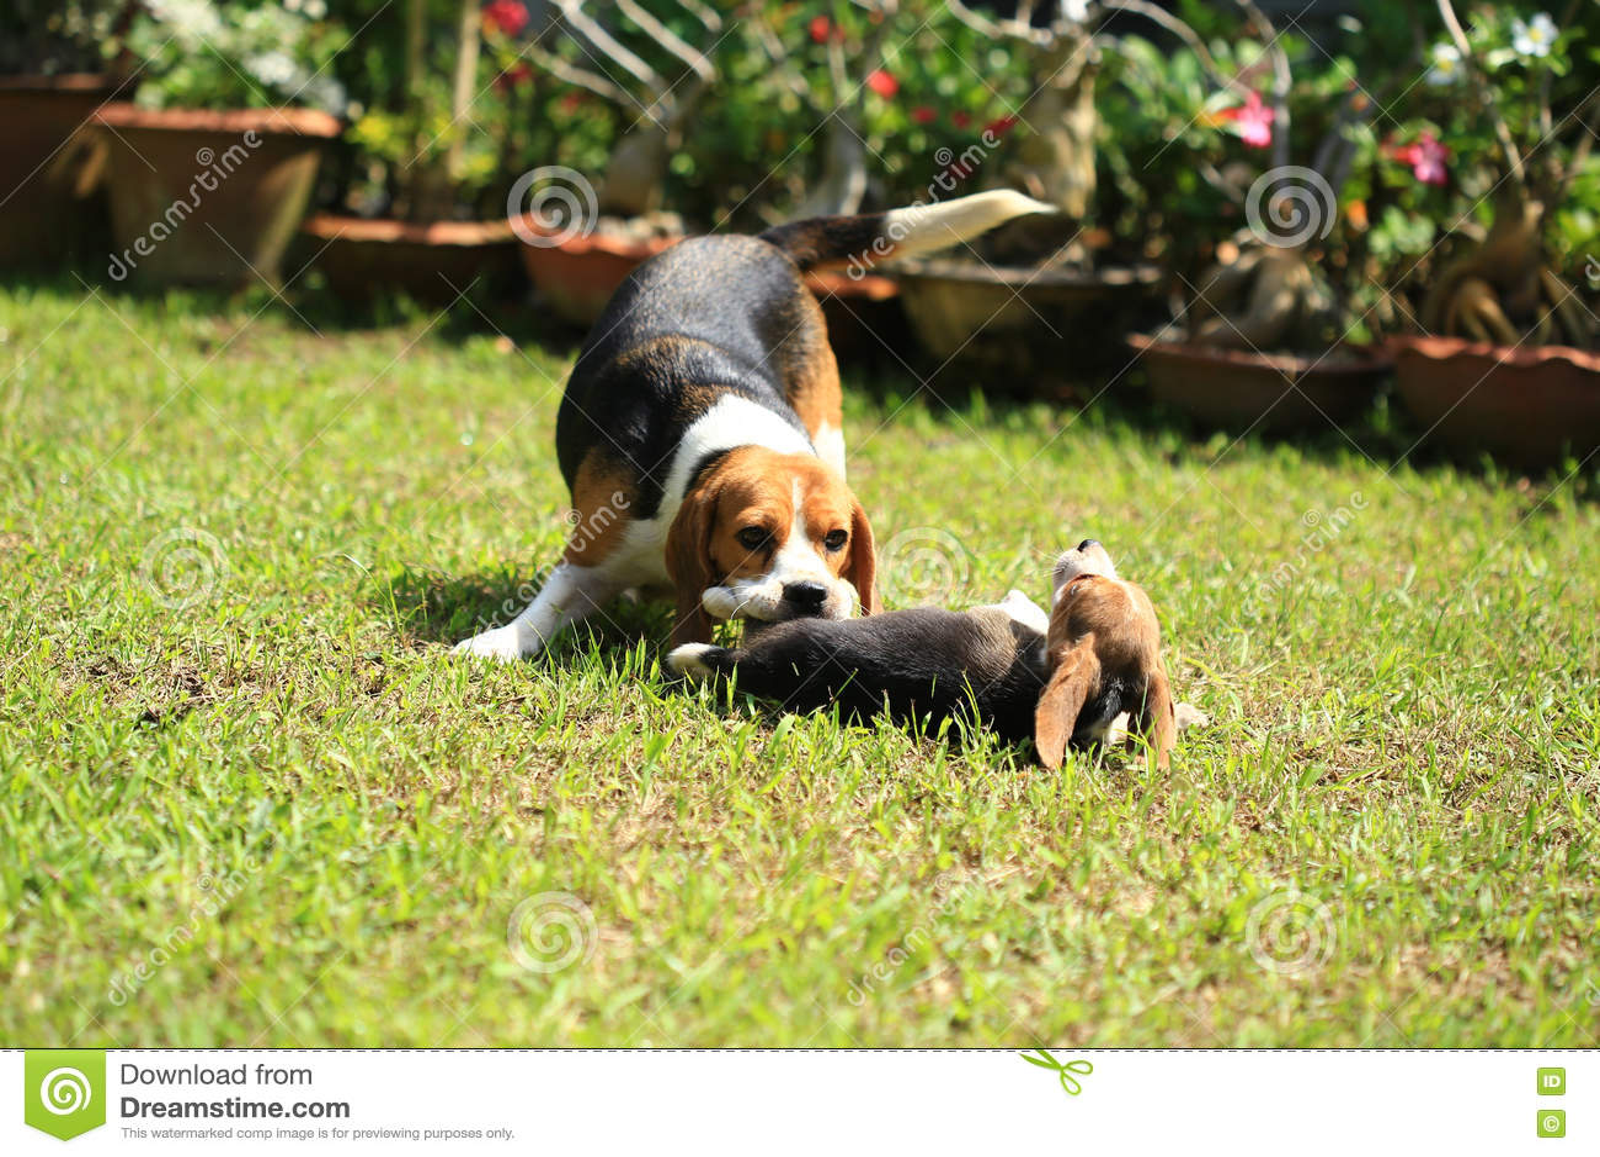 人与动物做爱1715ia{0_人狗兽交小_搜美网